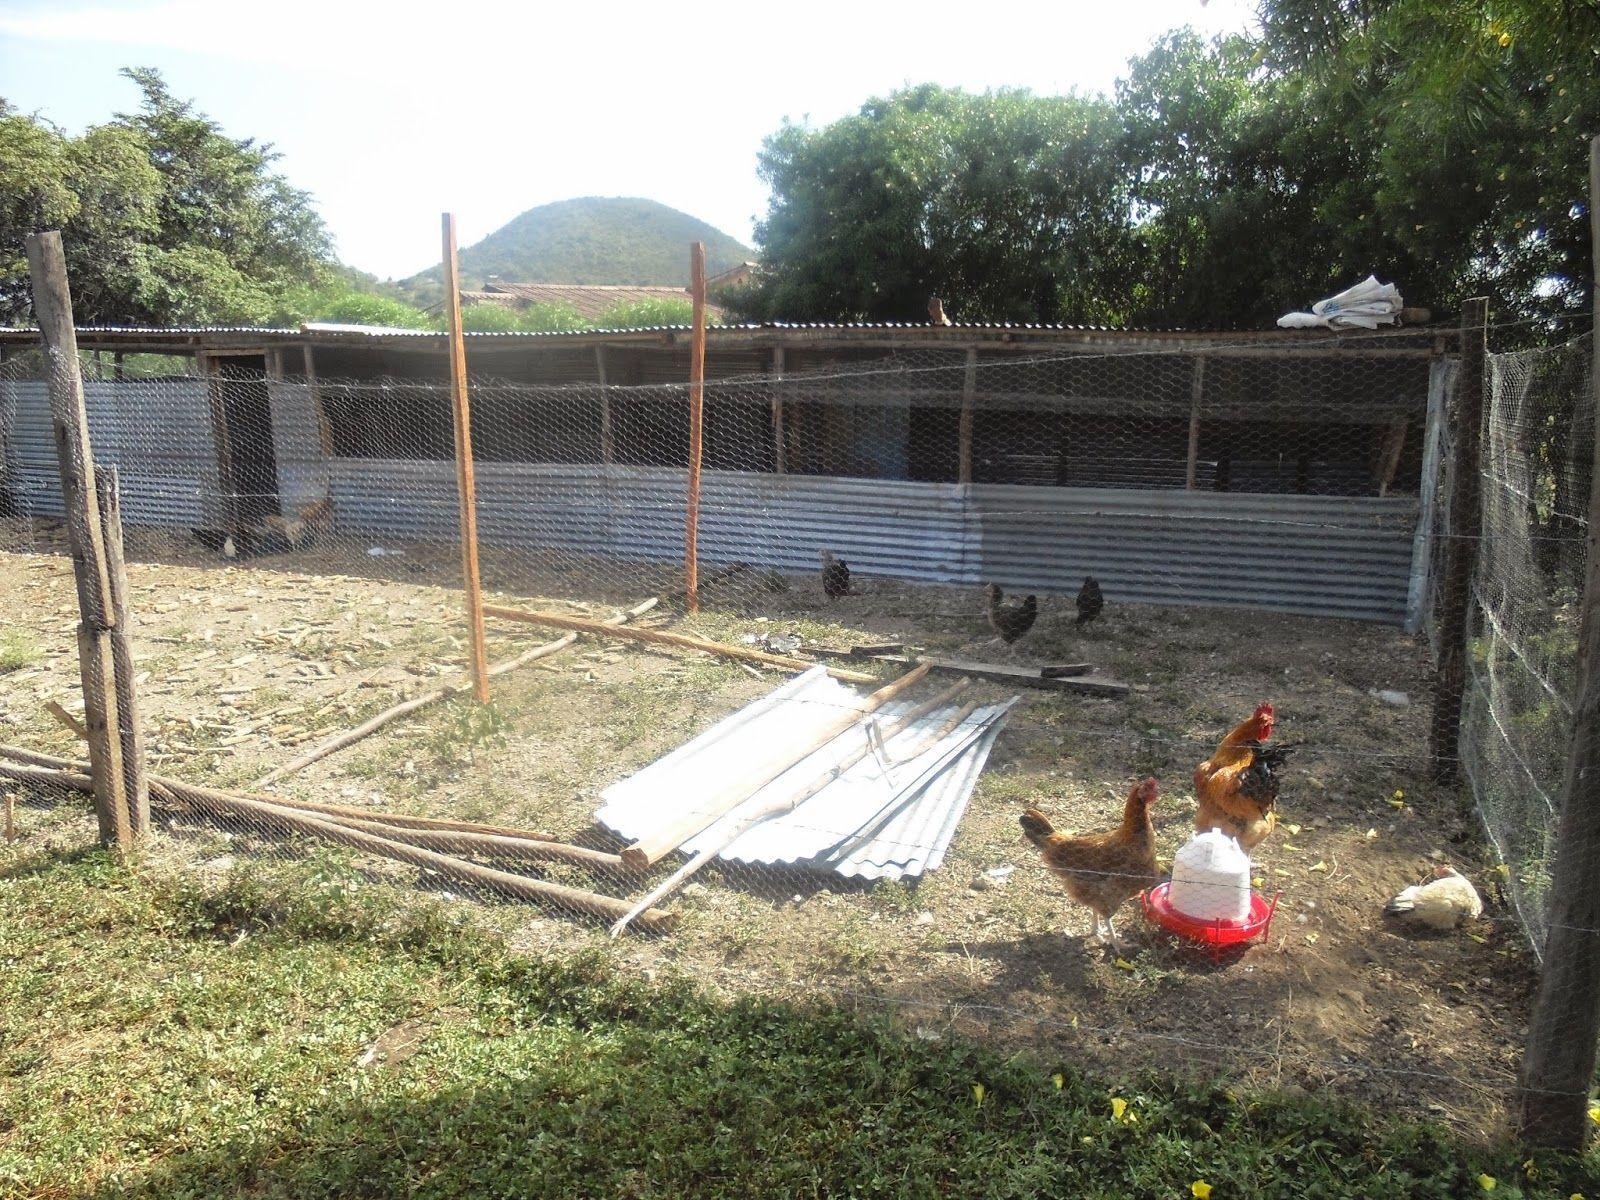 42 Garden Ideas Cheap Chicken Houses Https Silahsilah Com Garden Exterior 42 Garden Ideas Cheap Chicken Houses Poultry House Chicken House Garden Ideas Cheap Backyard chicken house designs